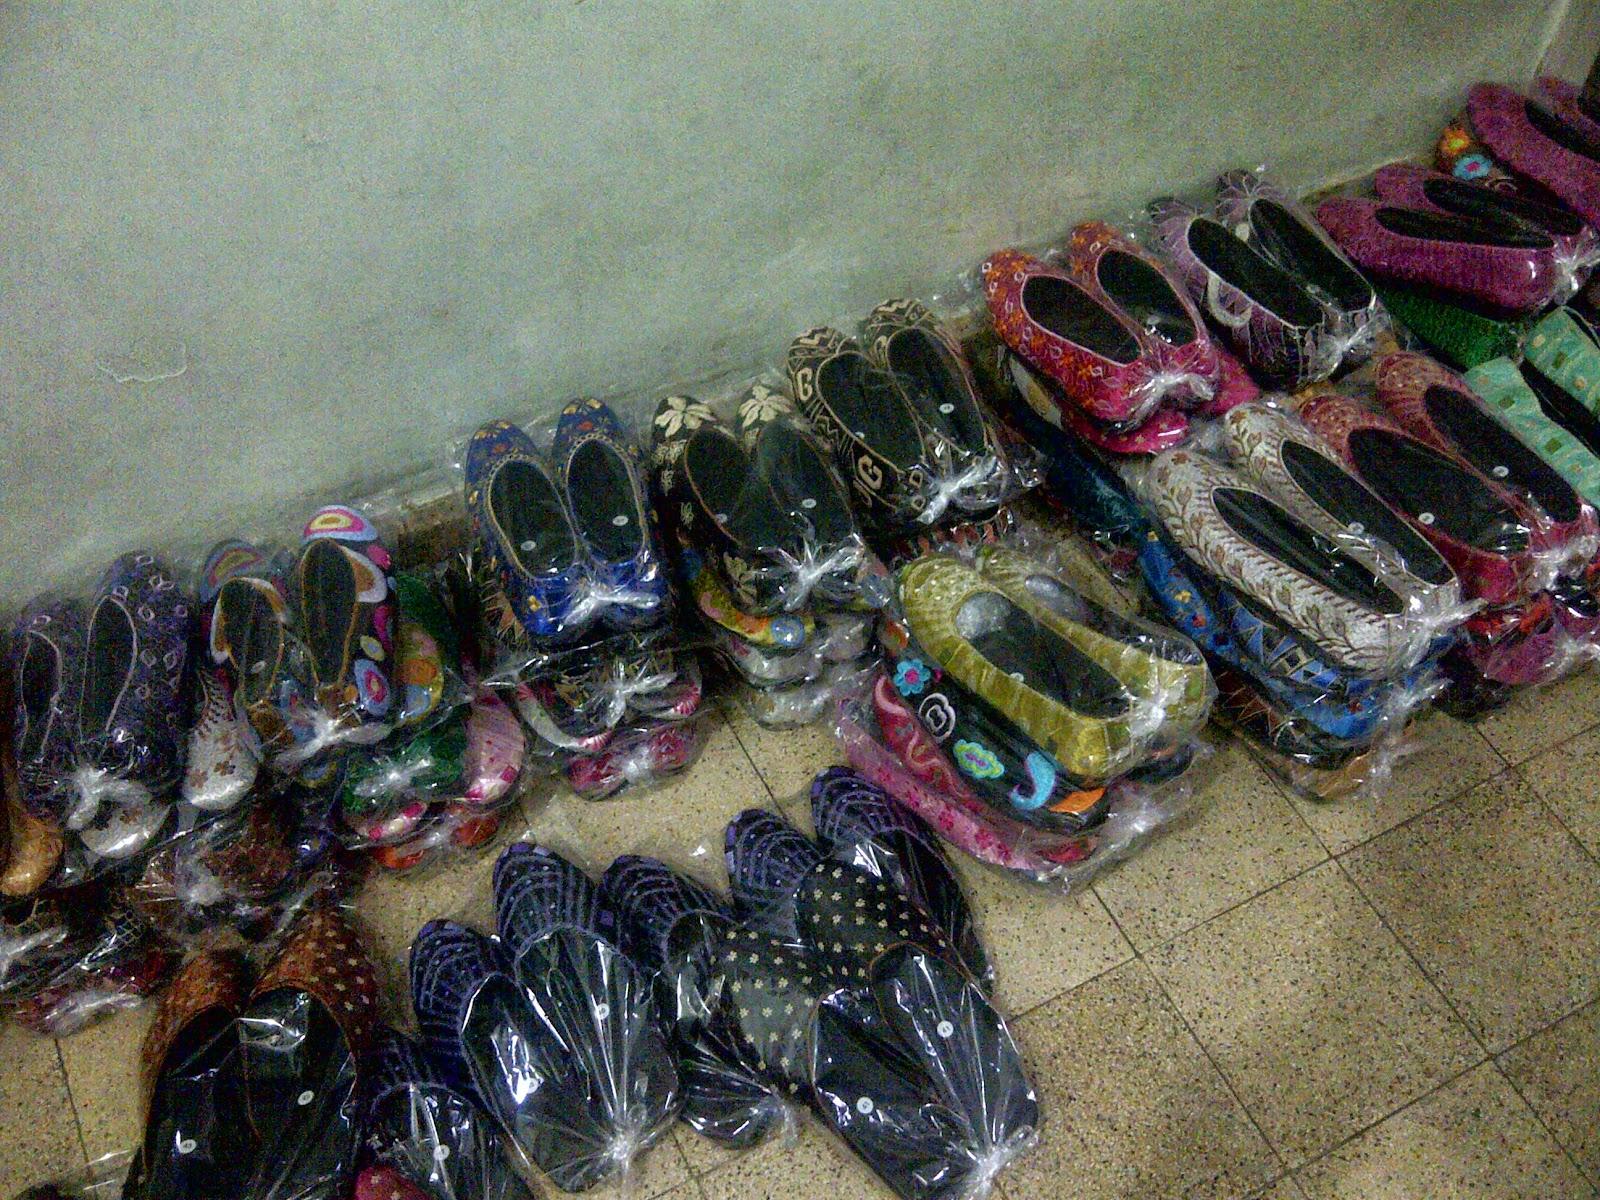 Koleksi Sepatu Wanita Korea, Toko Grosir Sepatu Wanita, Toko Bagus Sepatu Wanita, www.distributorsepatumurah.com